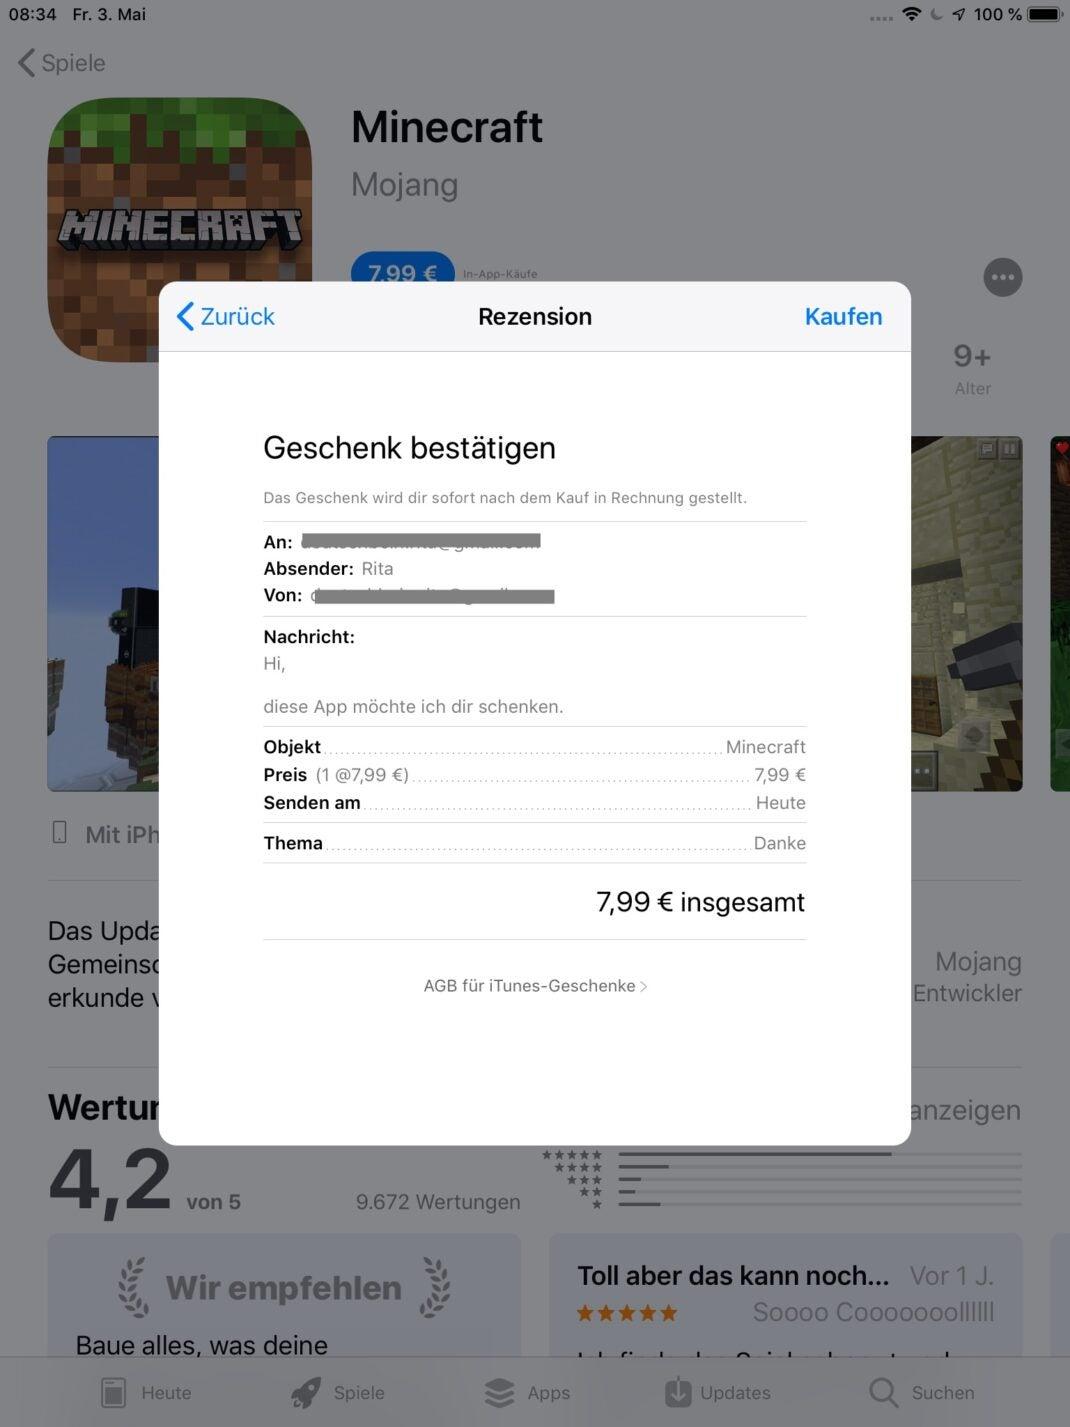 Übersicht aller Angaben für den App-Kauf.